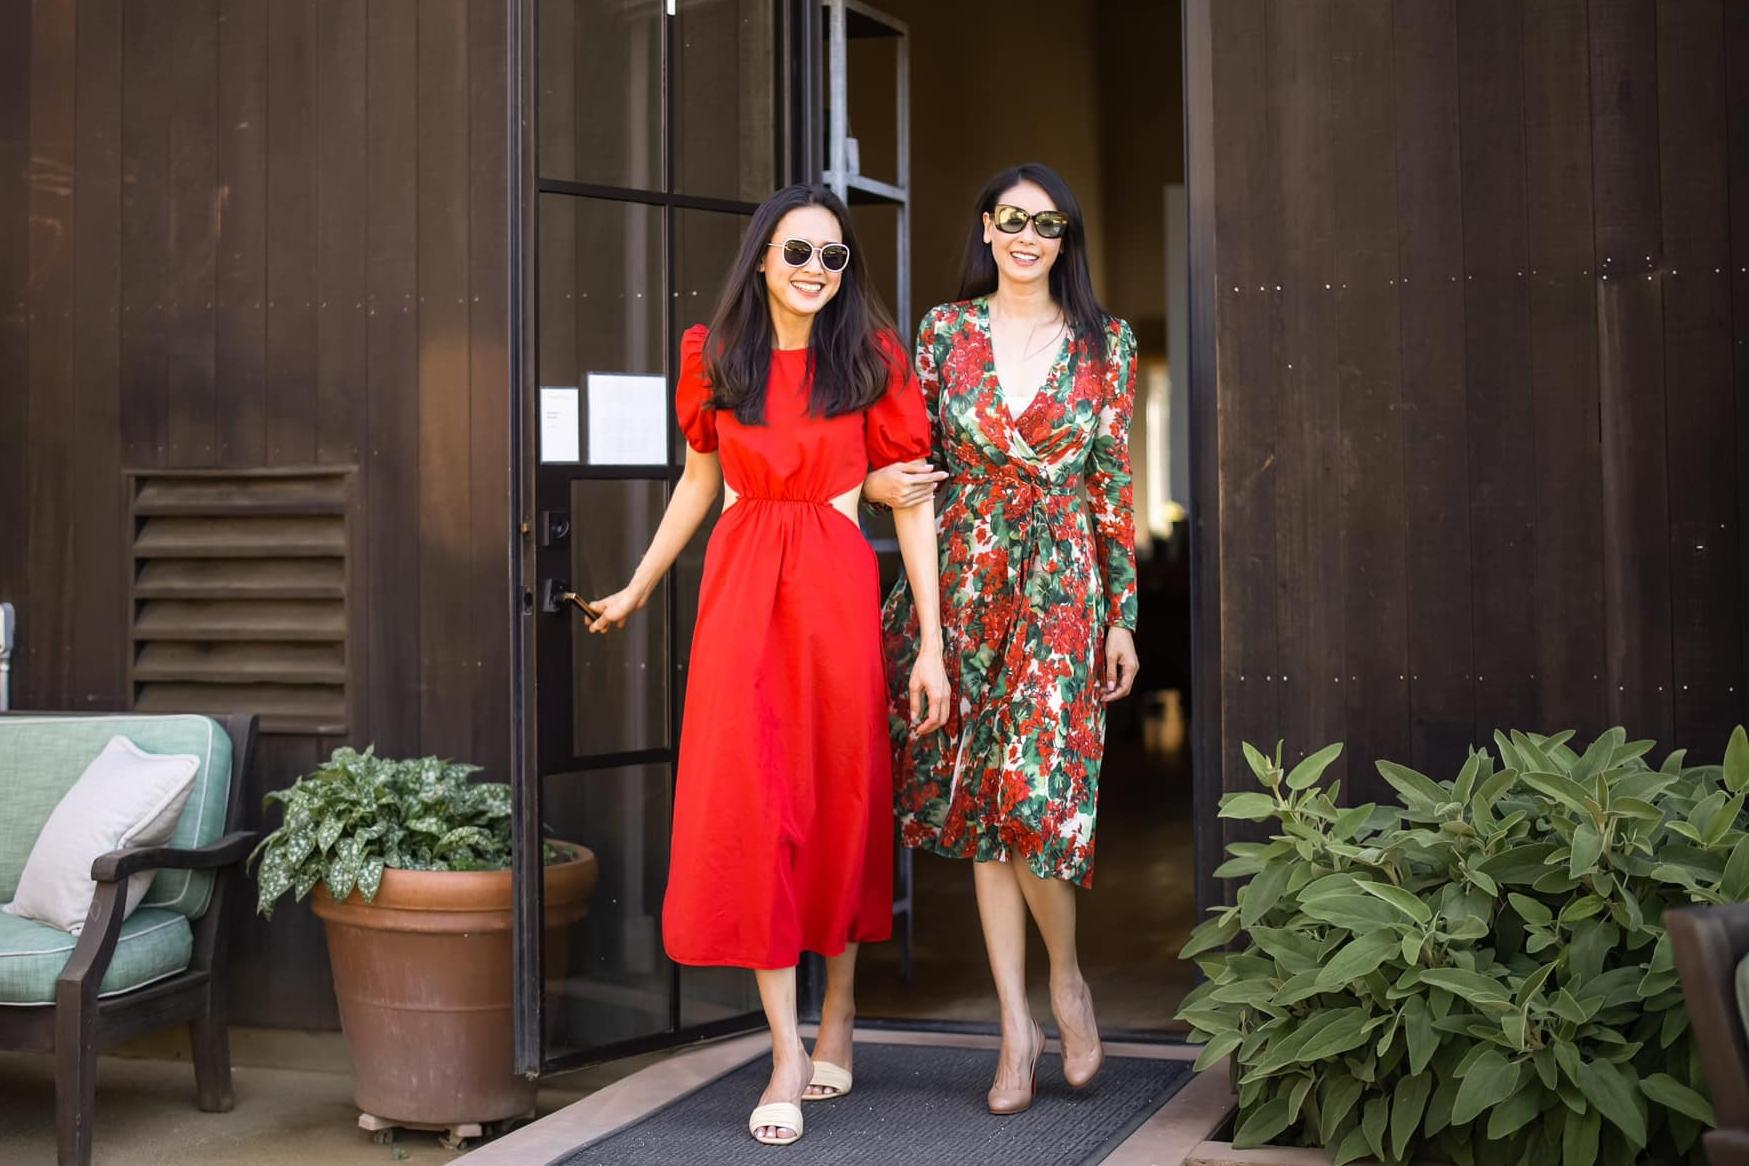 Hà Kiều Anh (phải) chia sẻ một số hình ảnh của cô và Dương Mỹ Linh đến thăm một cơ sở sản xuất rượu vang nổi tiếng của Mỹ. Chúc mừng sinh nhật em gái xinh đẹp của chị. Một tuổi mới nhiều hạnh phúc, yêu thương ngập tràn, lúc nào cũng rạng rỡ như mùa xuân thế này em nhé, Hà Kiều Anh nhắn gửi.